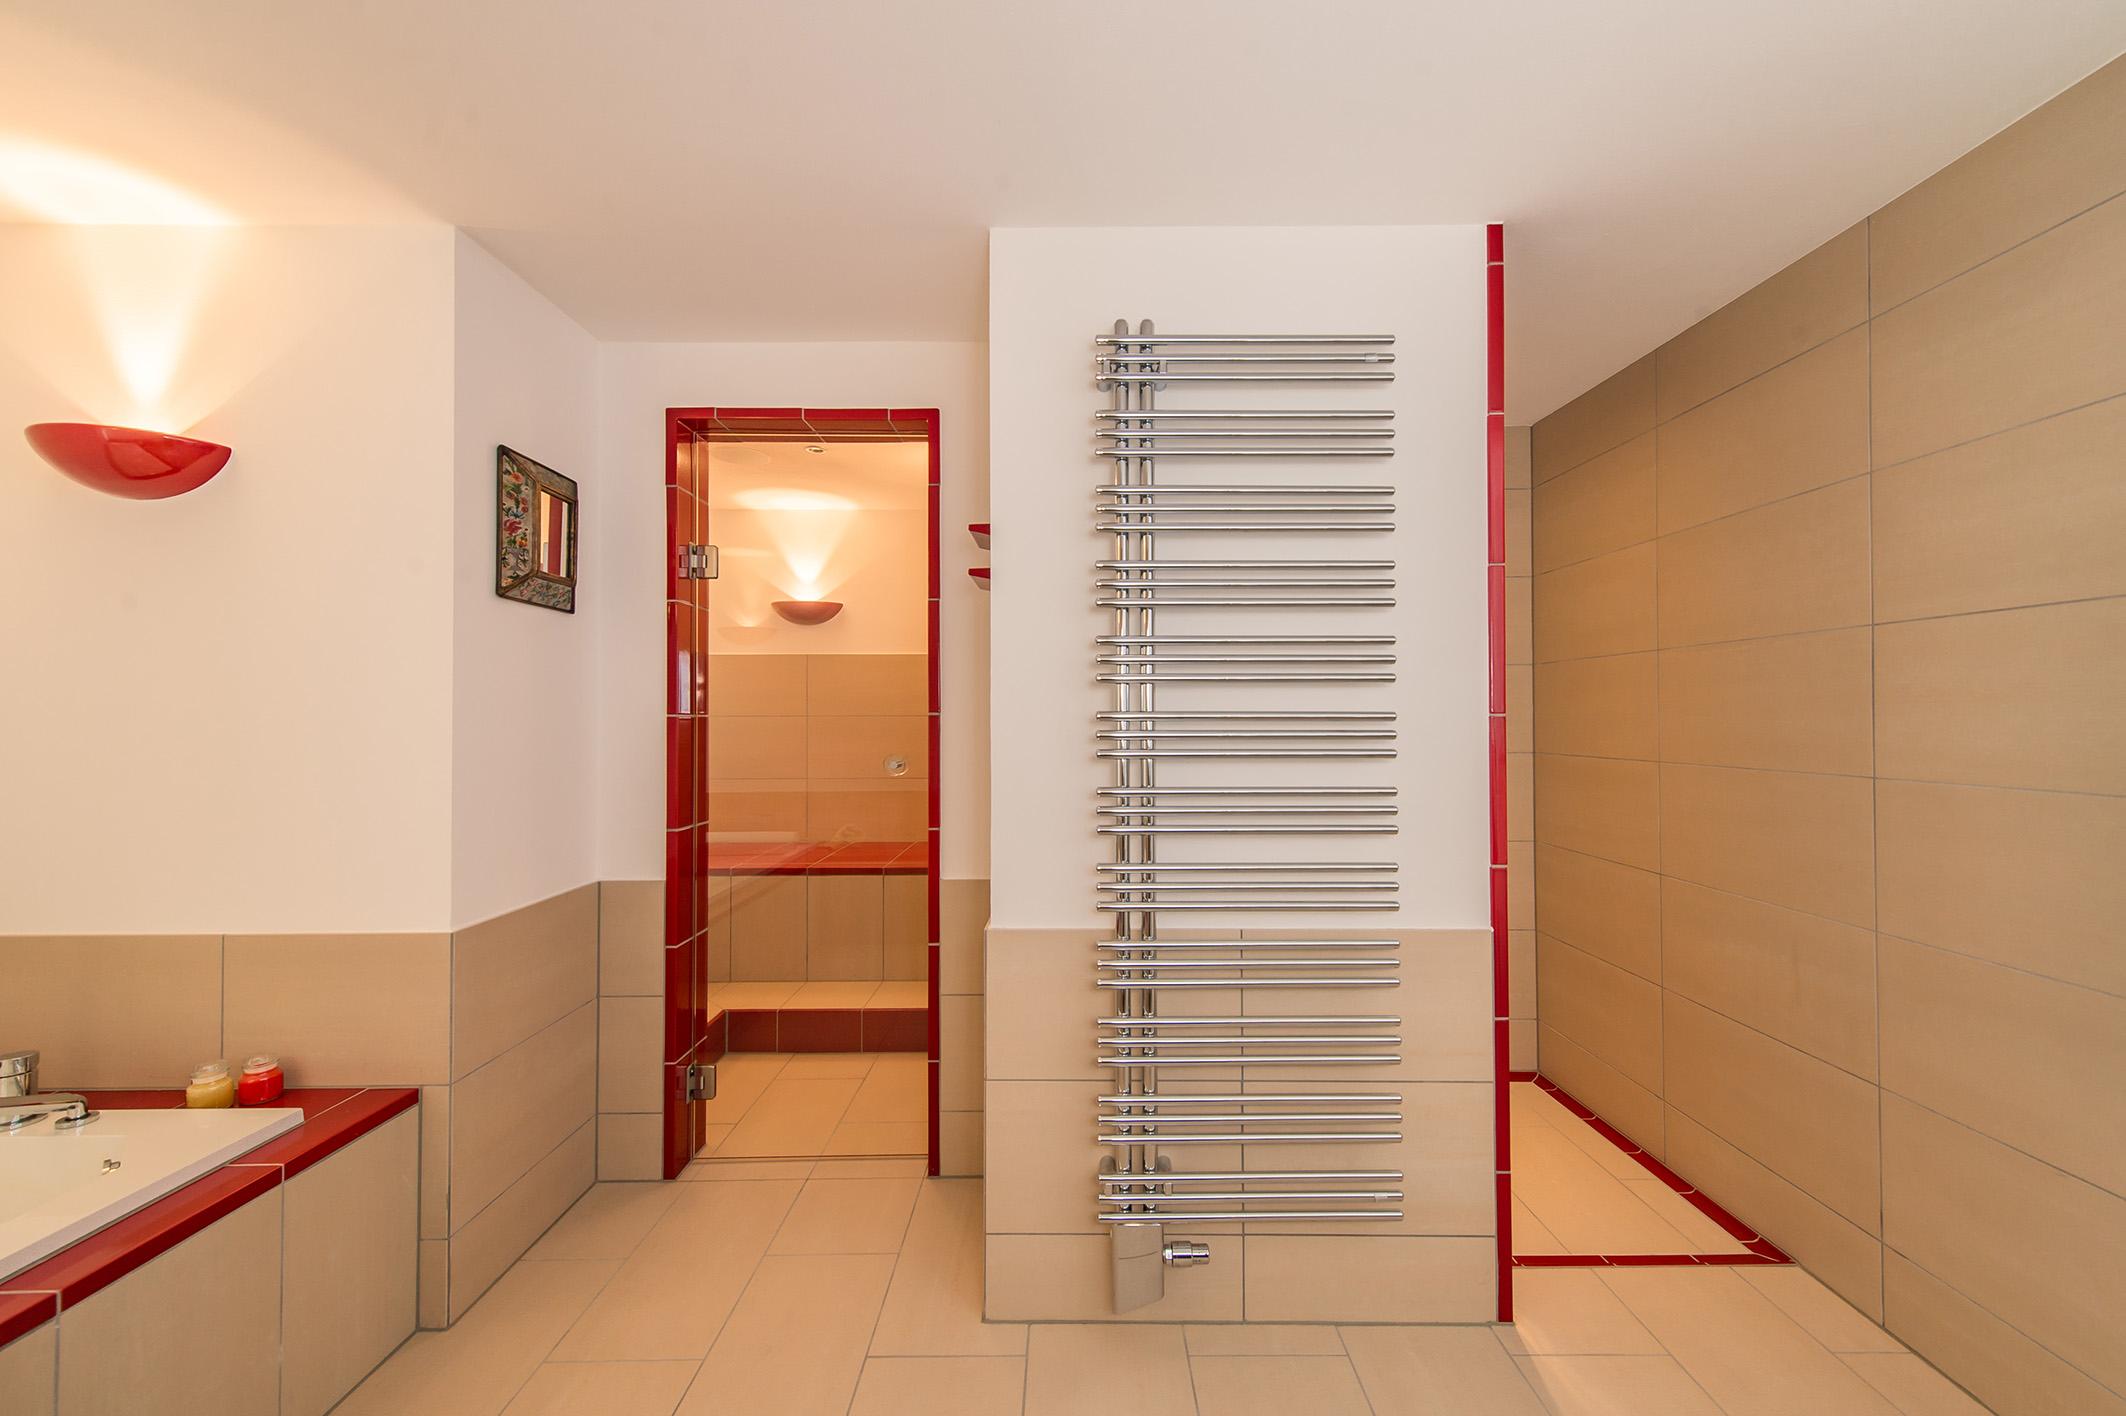 Spa Und Wellness Zentren Kreative Architektur: Haus